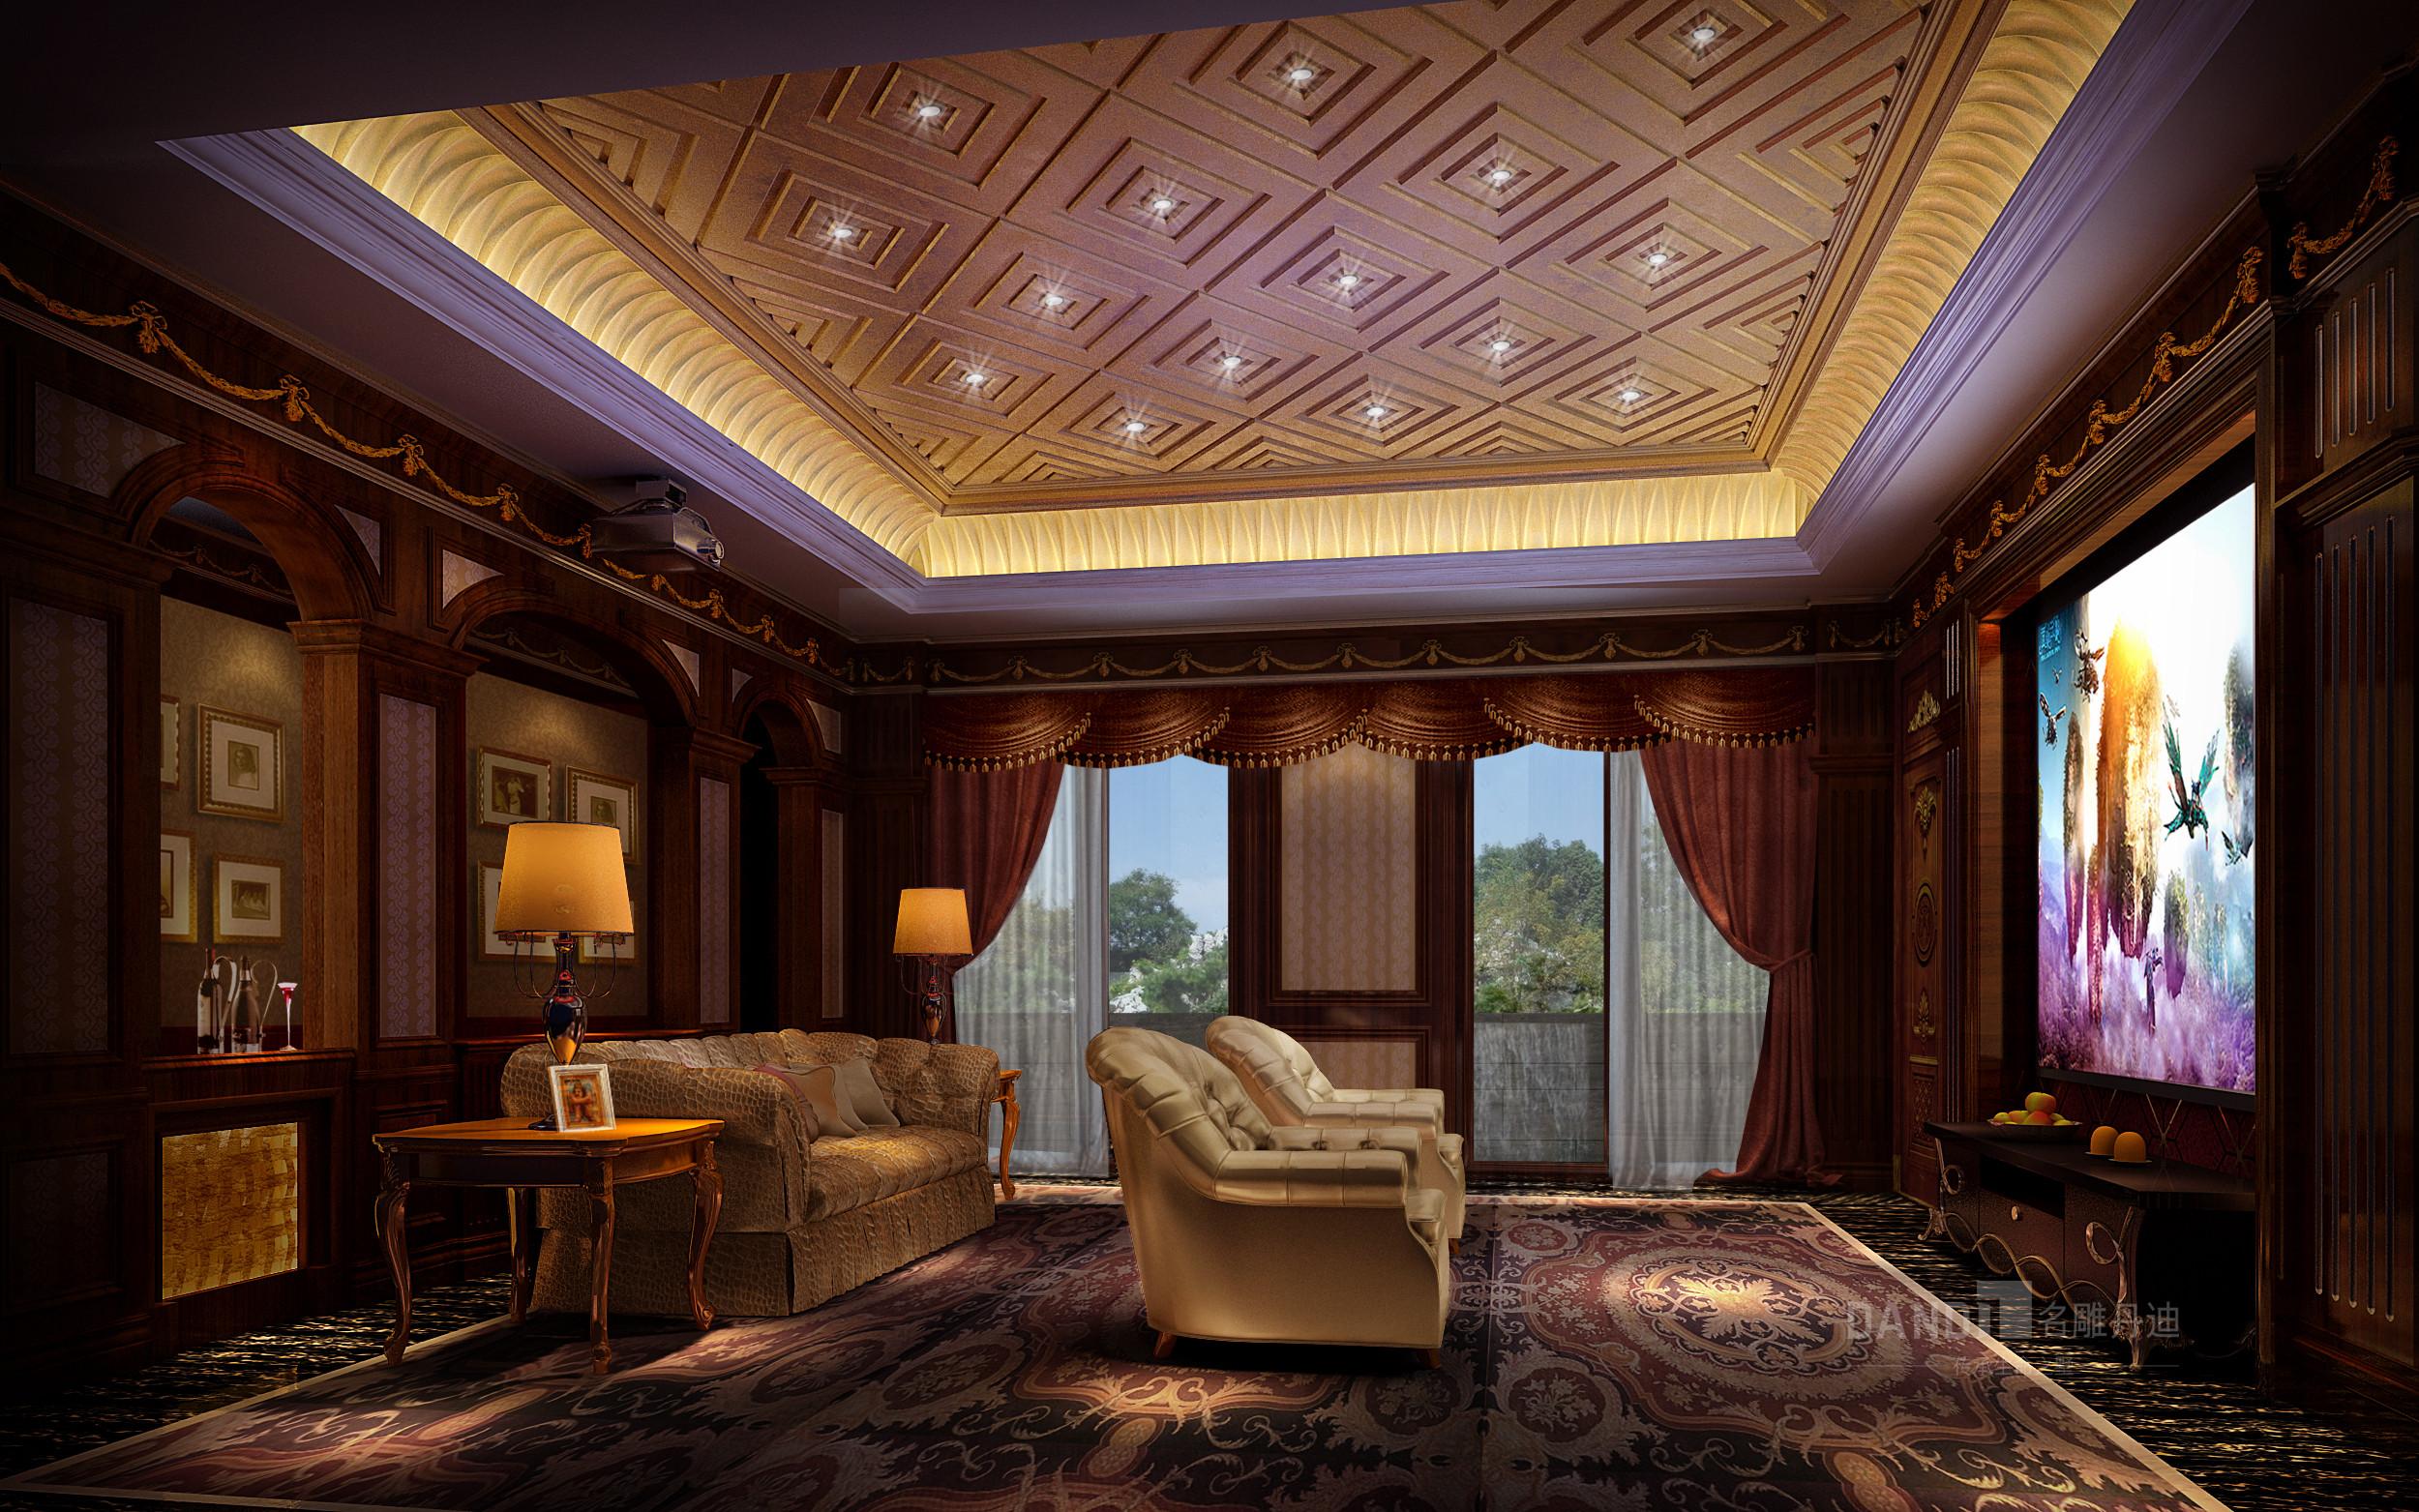 欧式 卧室图片来自名雕丹迪在白垤里嘉园1000平欧式风格的分享